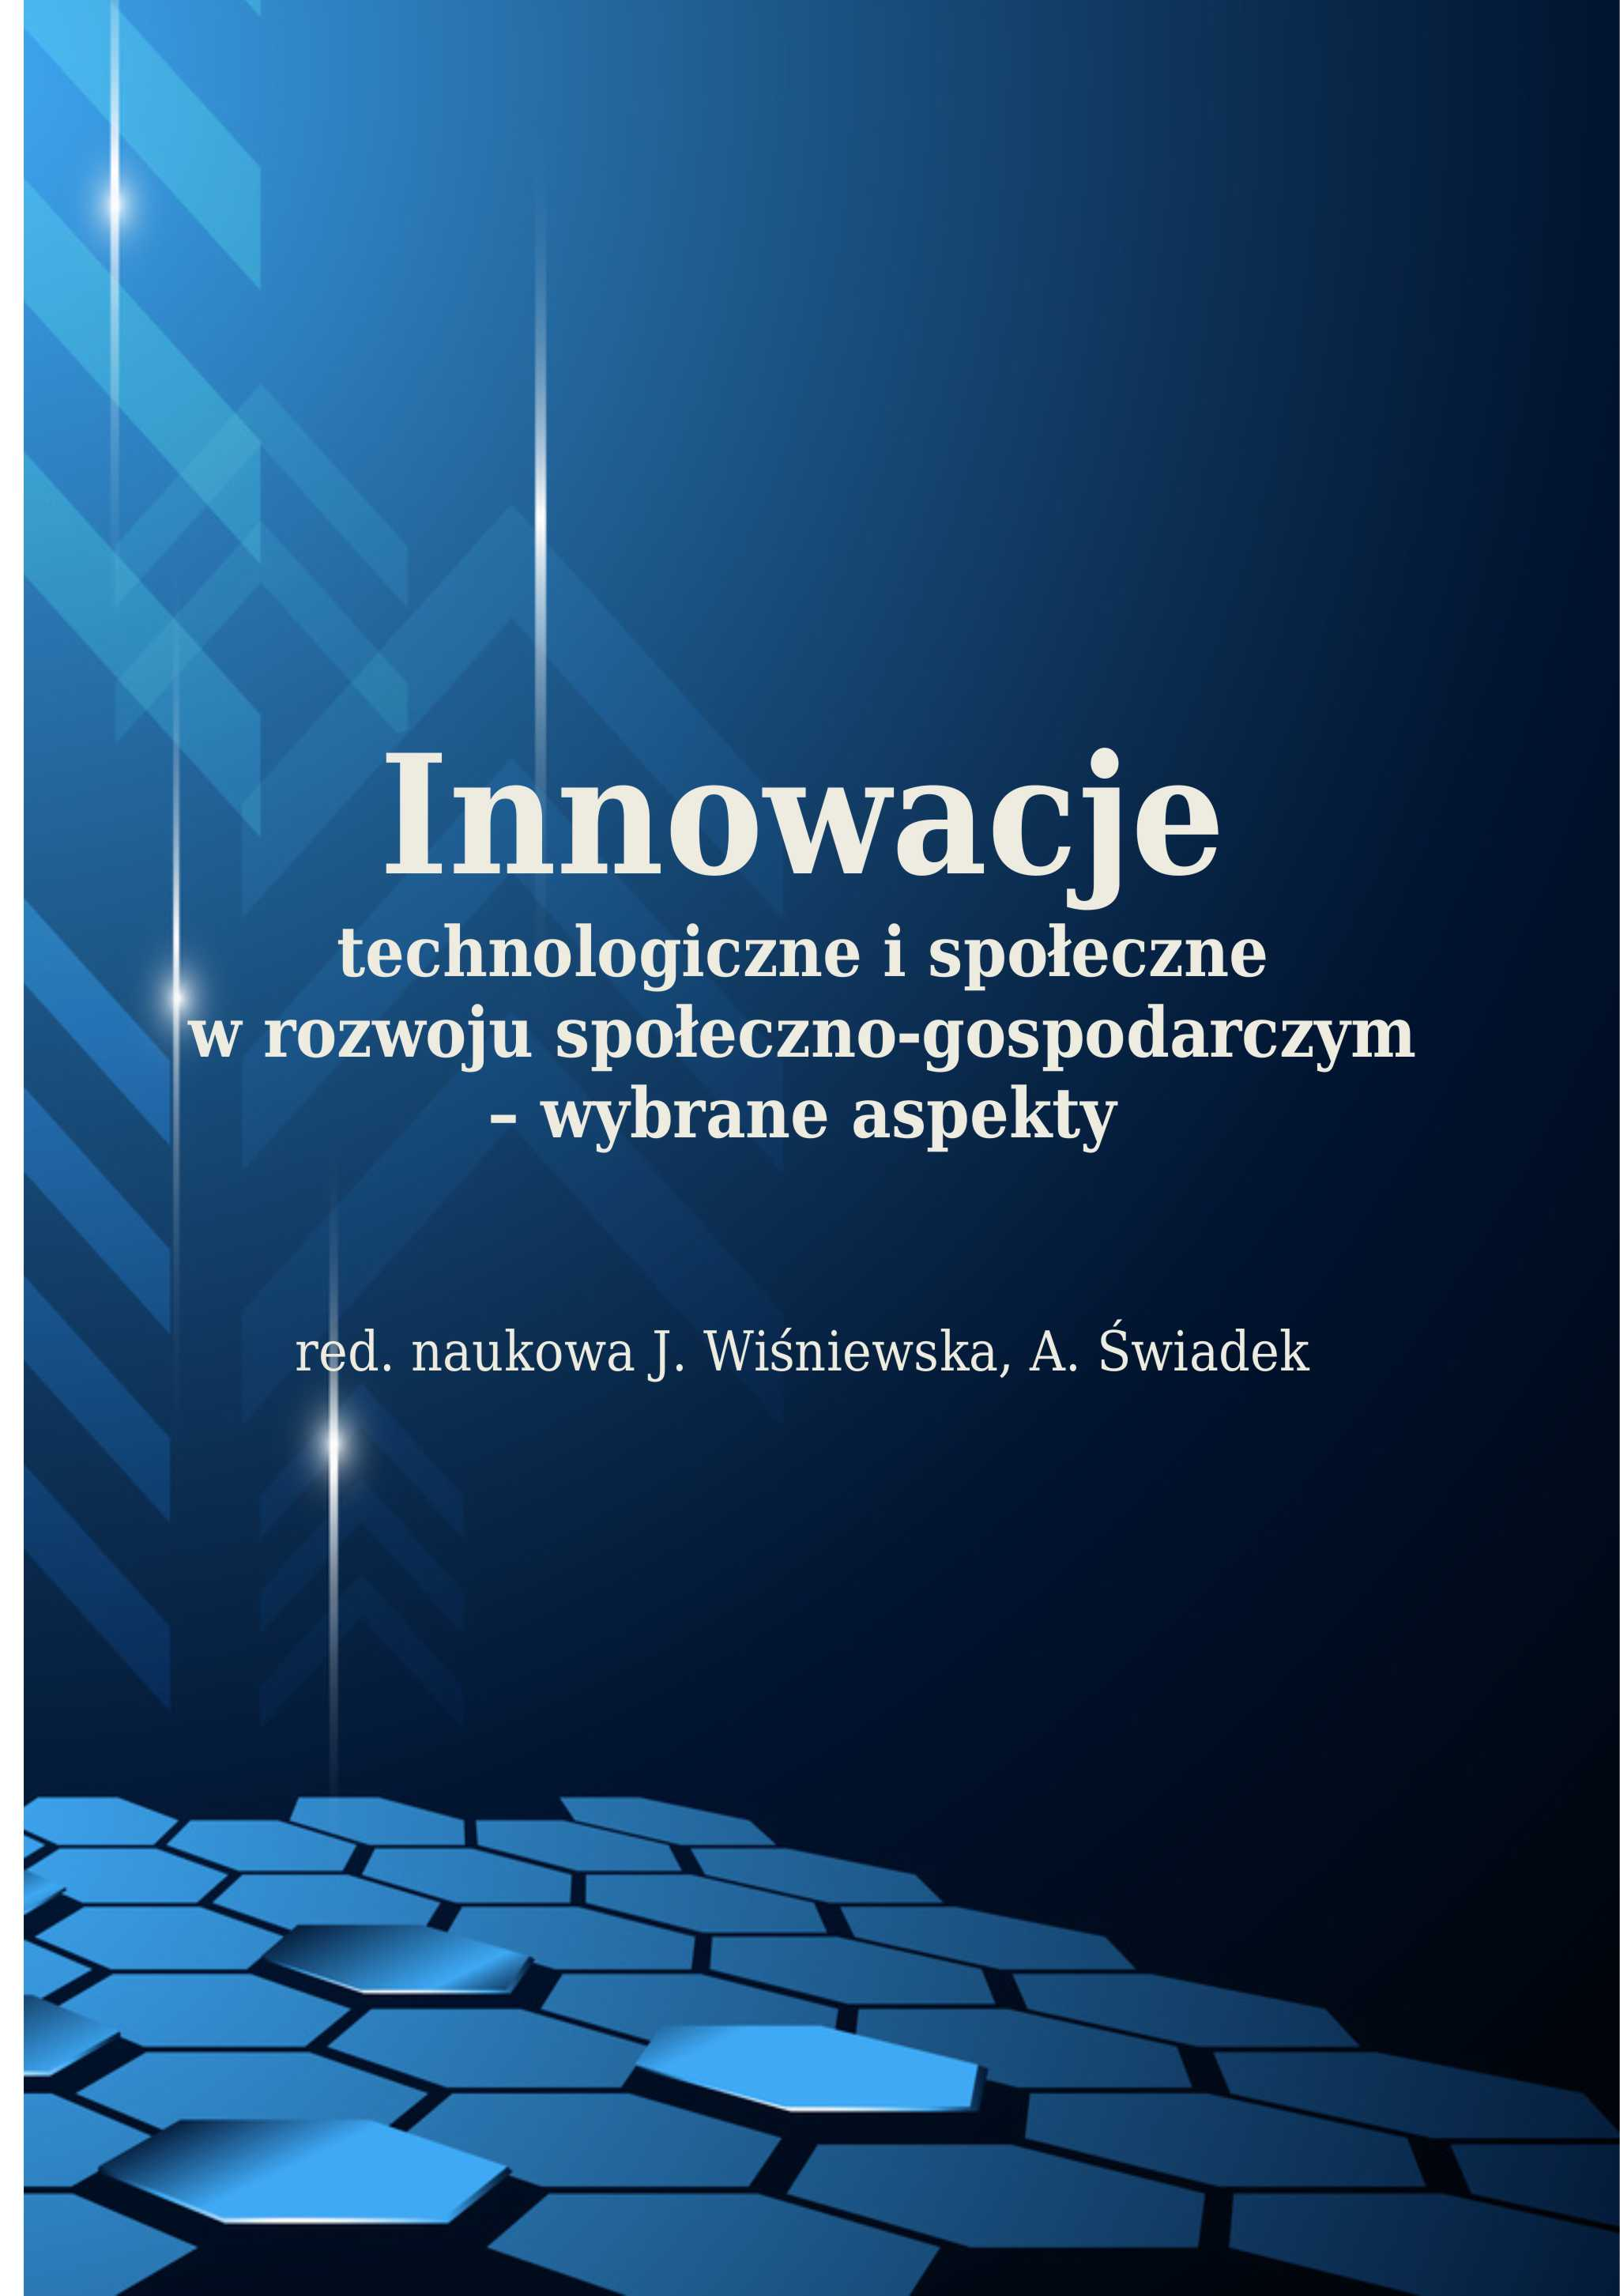 Innowacje technologiczne i spoleczne w rozwoju społeczno-gospodarczym  – wybrane aspekty